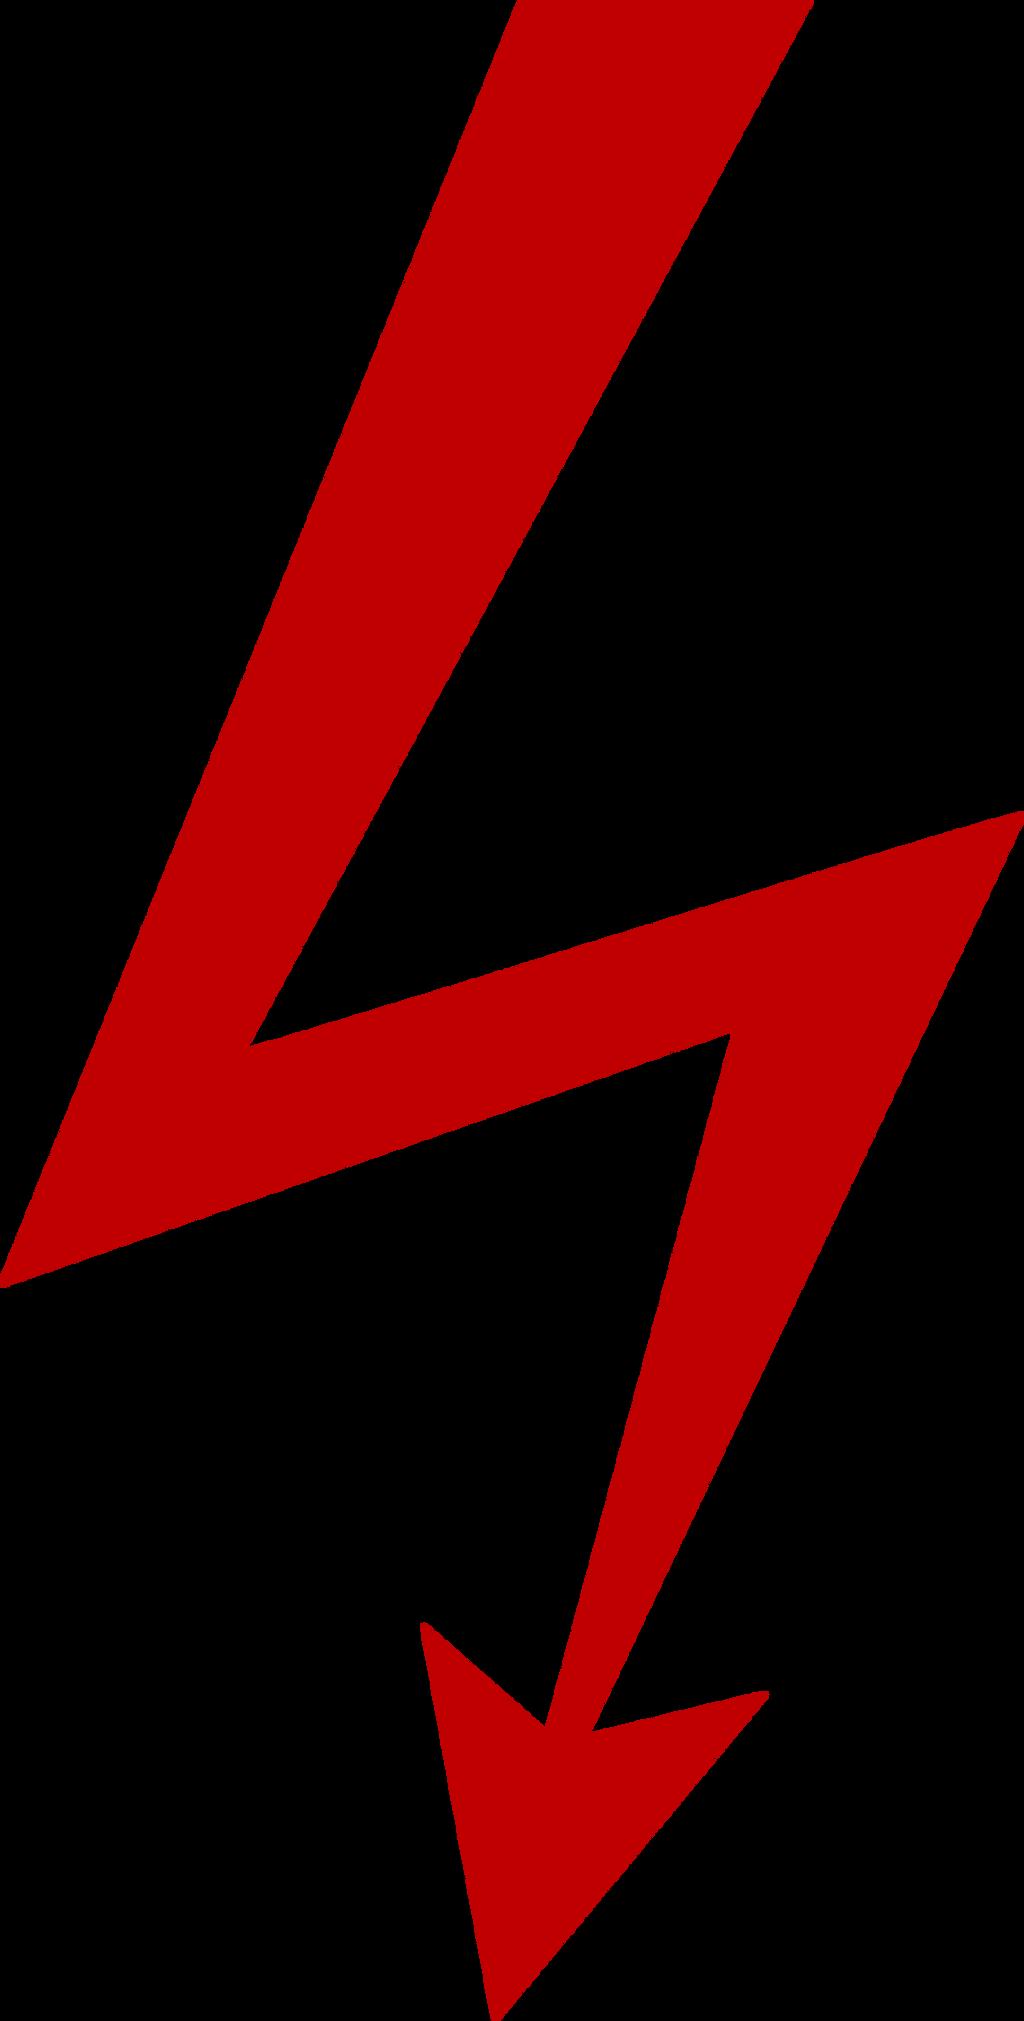 High Voltage Symbol : High voltage warning symbol by jmk prime on deviantart